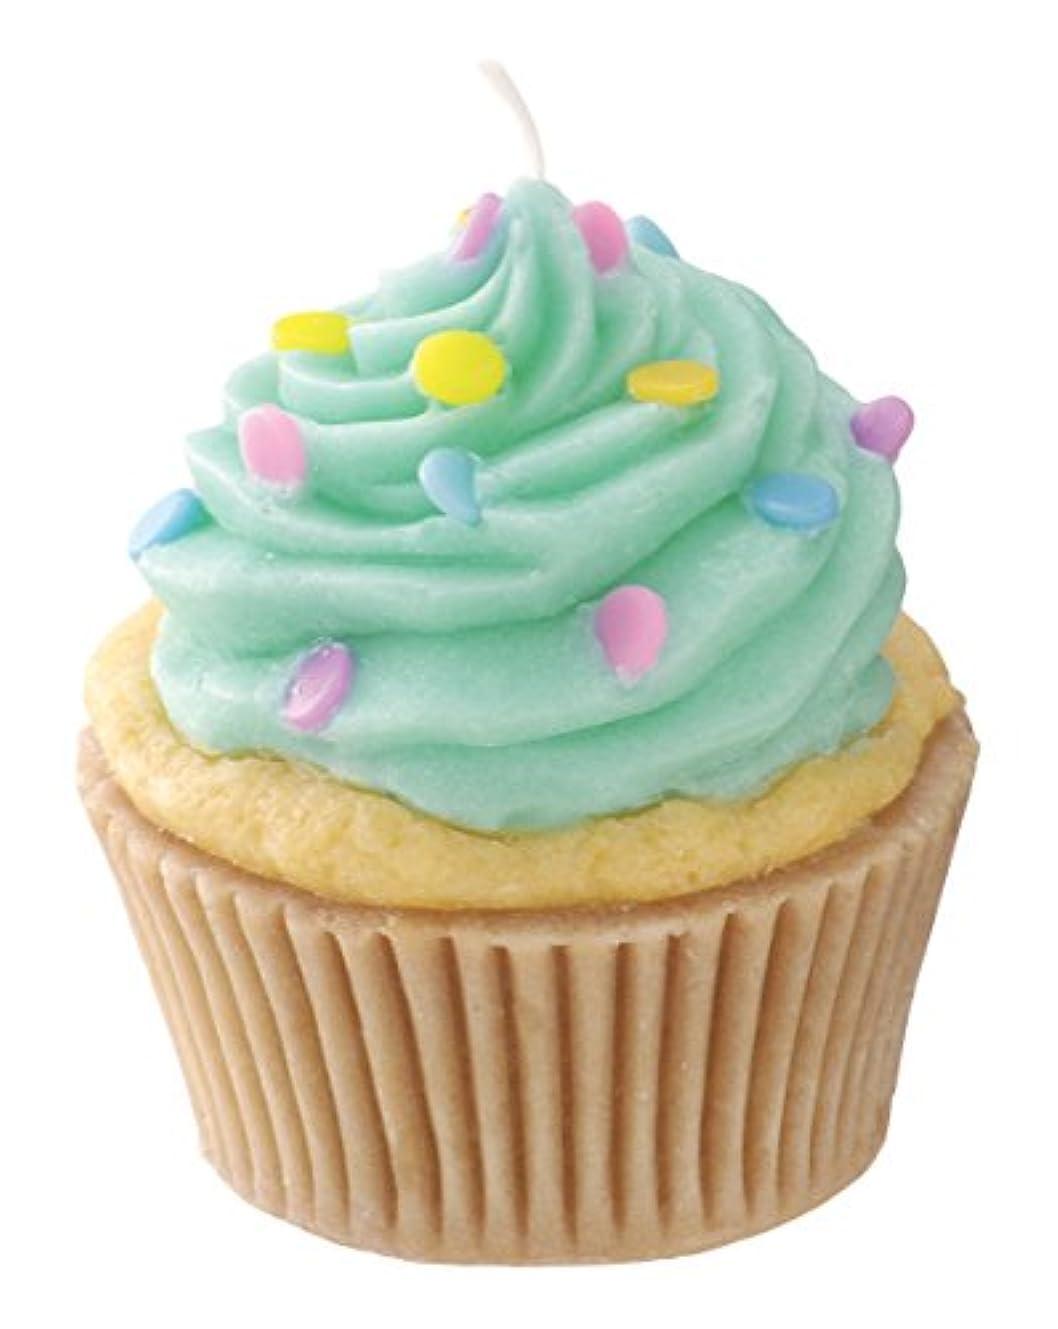 任意霧同行するカメヤマキャンドルハウス 本物そっくり! アメリカンカップケーキキャンドル ミントクリーム バニラの香り